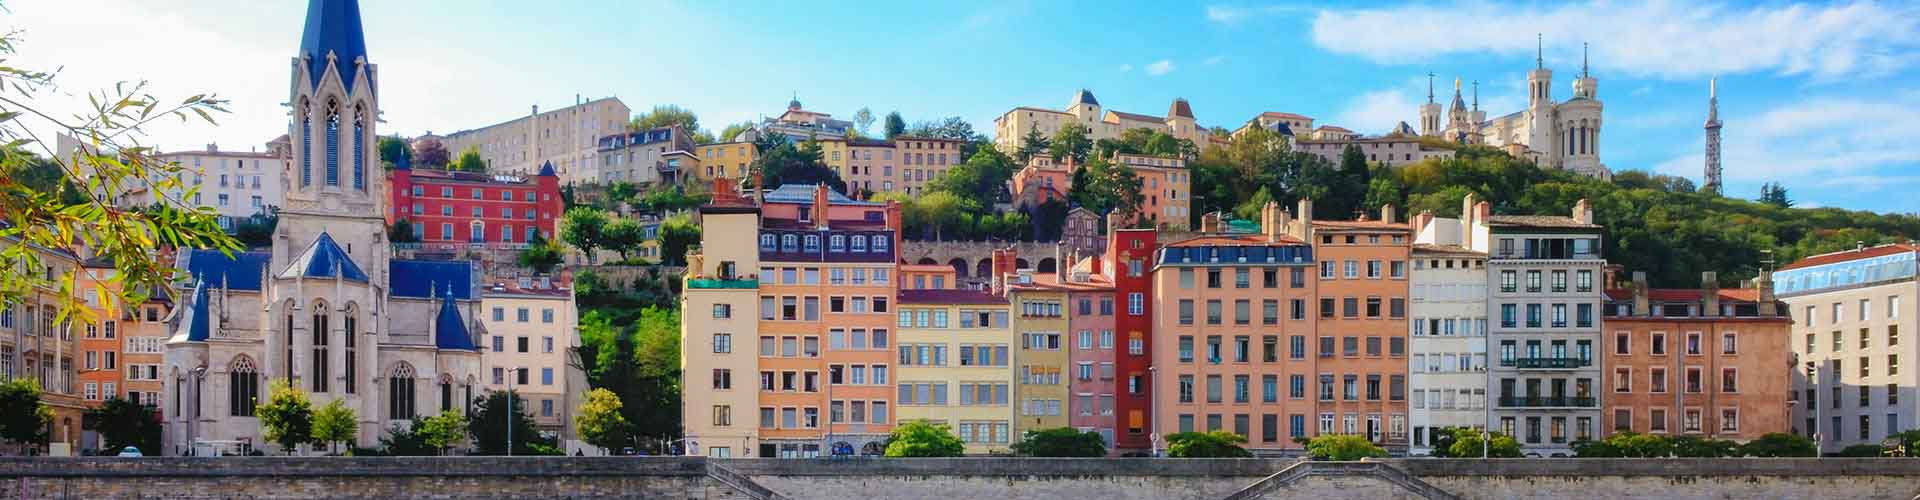 Lyon - Auberges de jeunesse dans le quartier de Presqu'île. Cartes pour Lyon, photos et commentaires pour chaque auberge de jeunesse à Lyon.